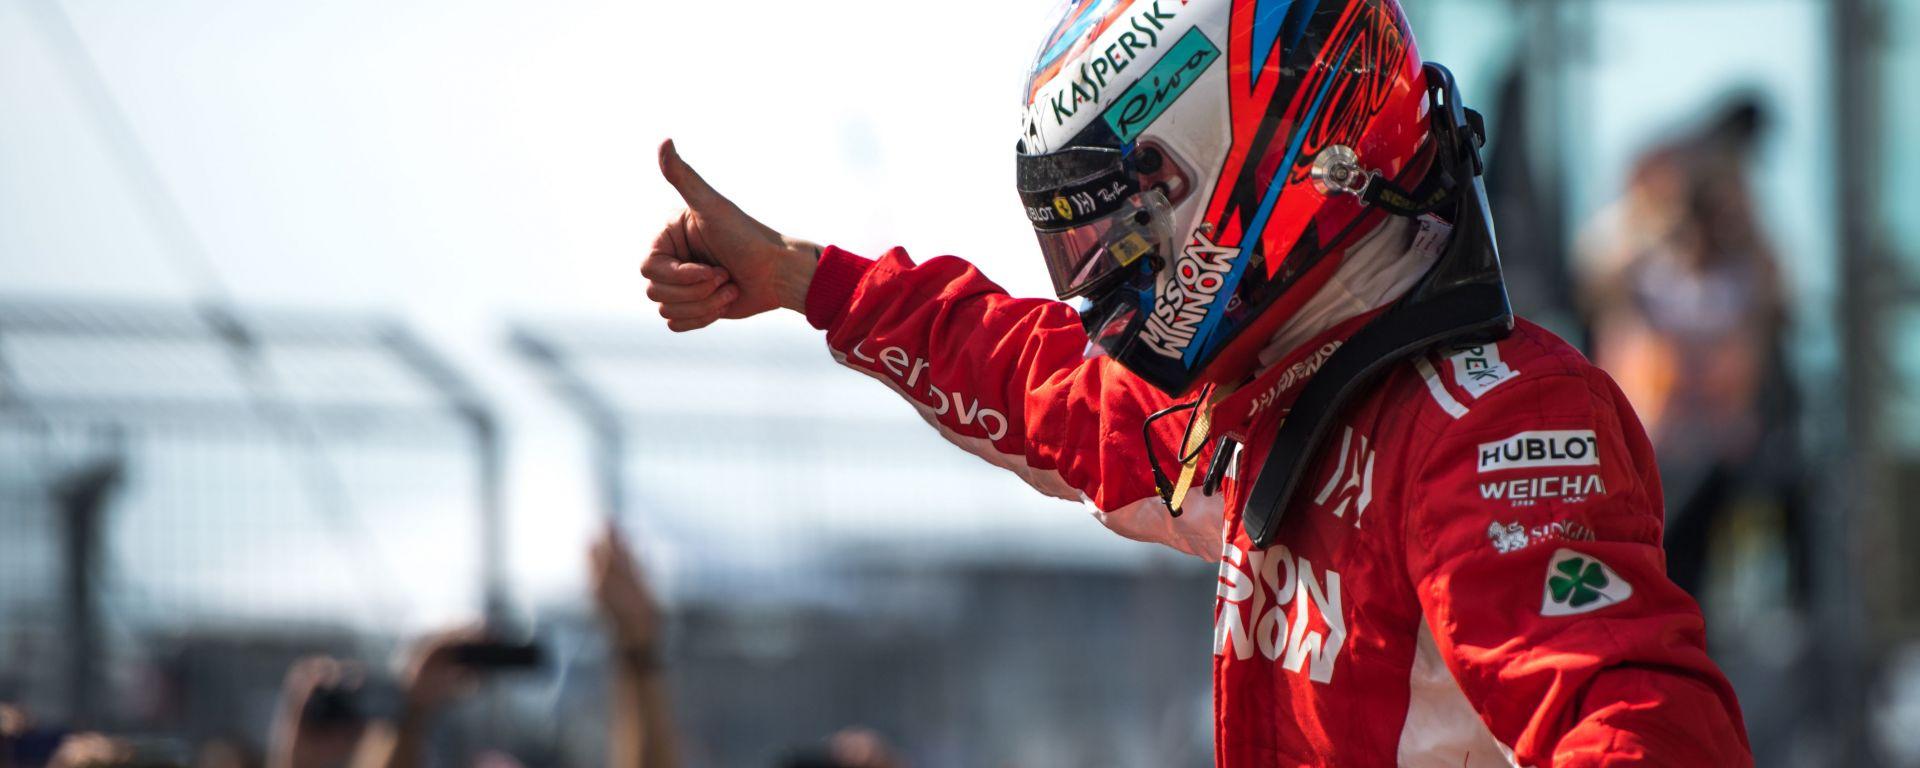 F1 GP Stati Uniti 2018, Austin: Kimi Raikkonen (Ferrari) festeggia dopo il traguardo